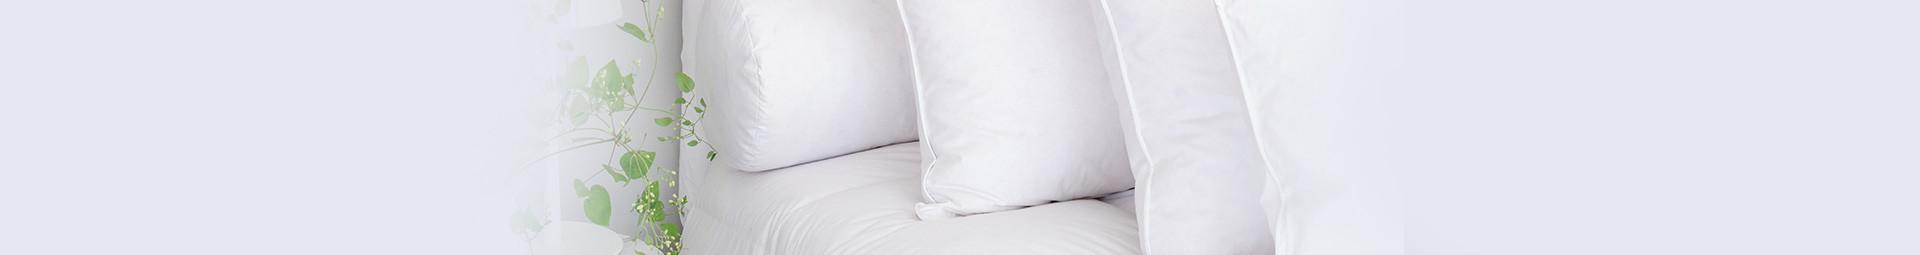 Oreillers ergonomique en duvet de canard argenté Français, Oreillers ergonomiques pour tous les dormeurs - Pyrenex